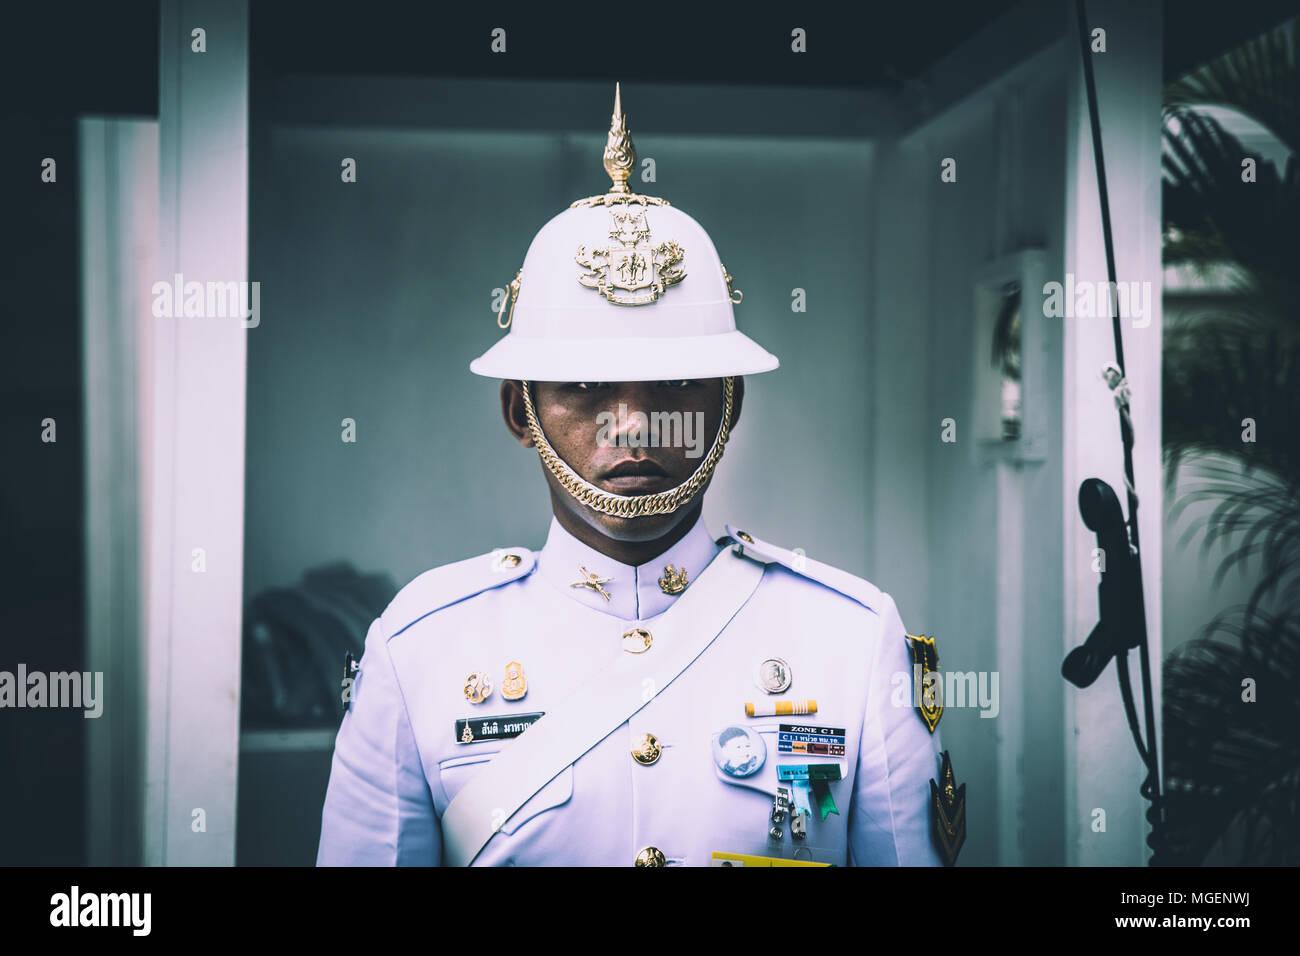 Un guardia con rasgos asiáticos vestida de blanco con un decorado timón controla impasible turistas fuera del templo de Wat Pho en Bangkok Foto de stock